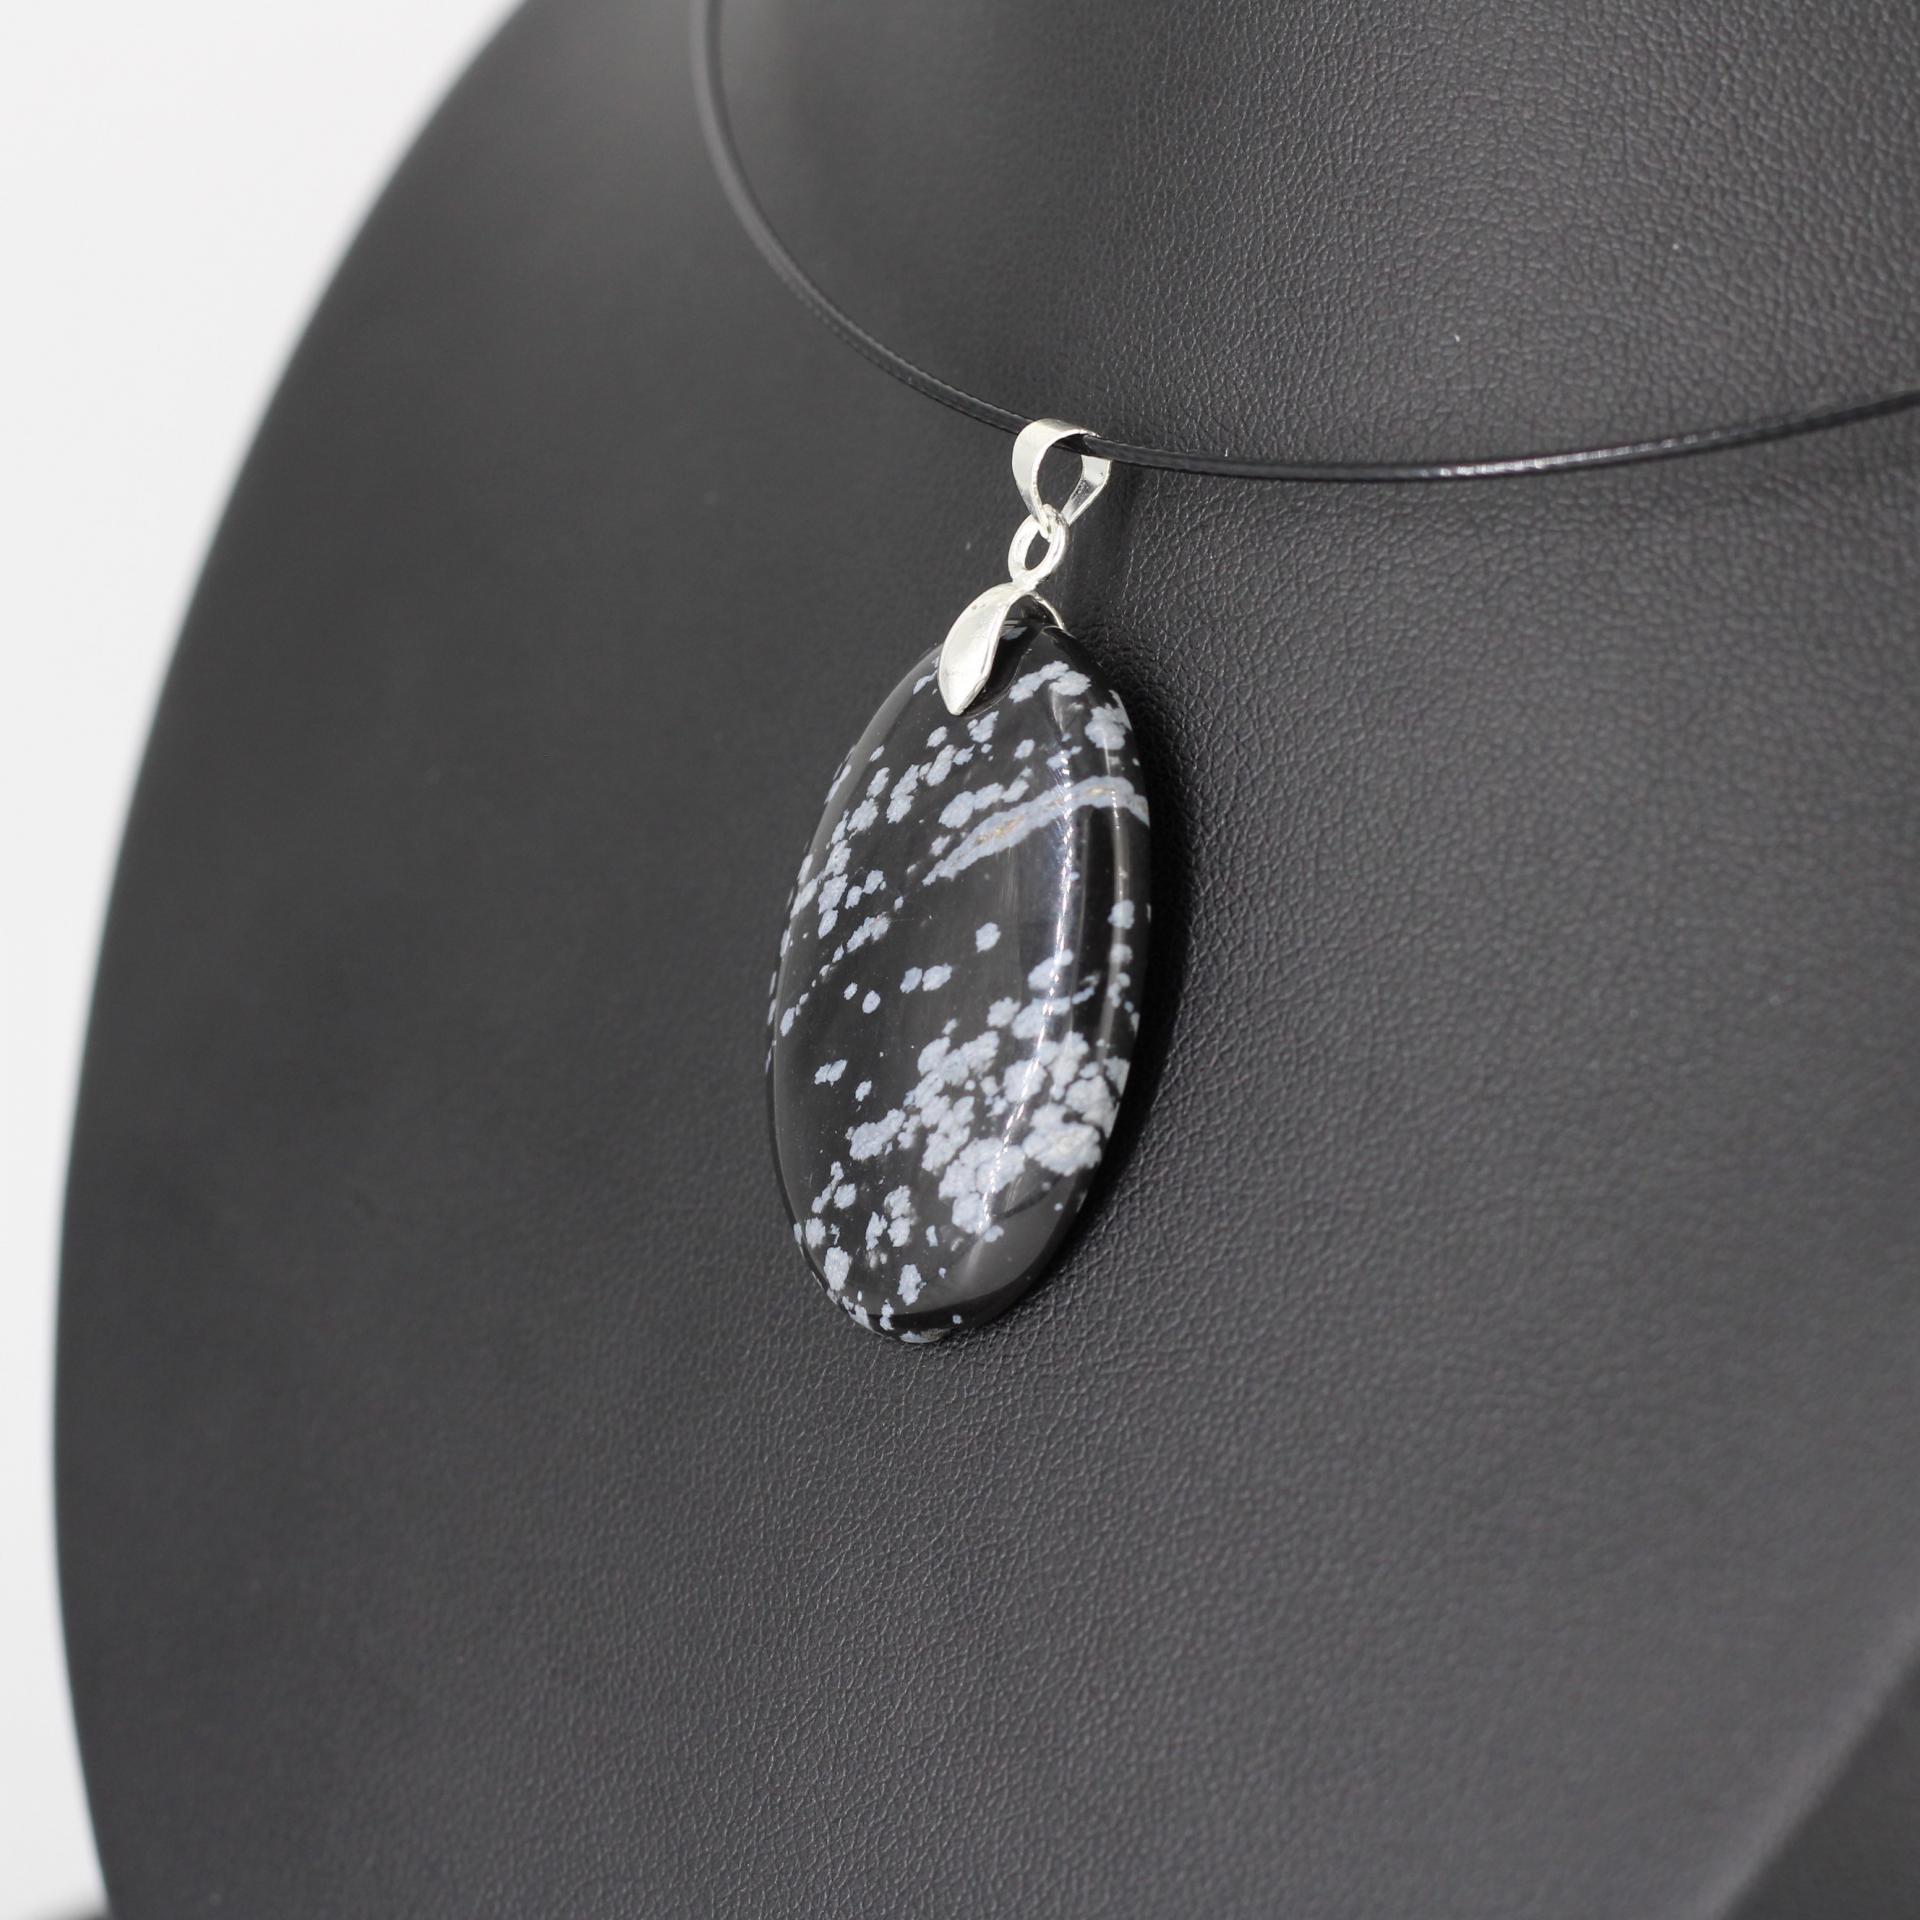 Obsidienne flocon m59 3